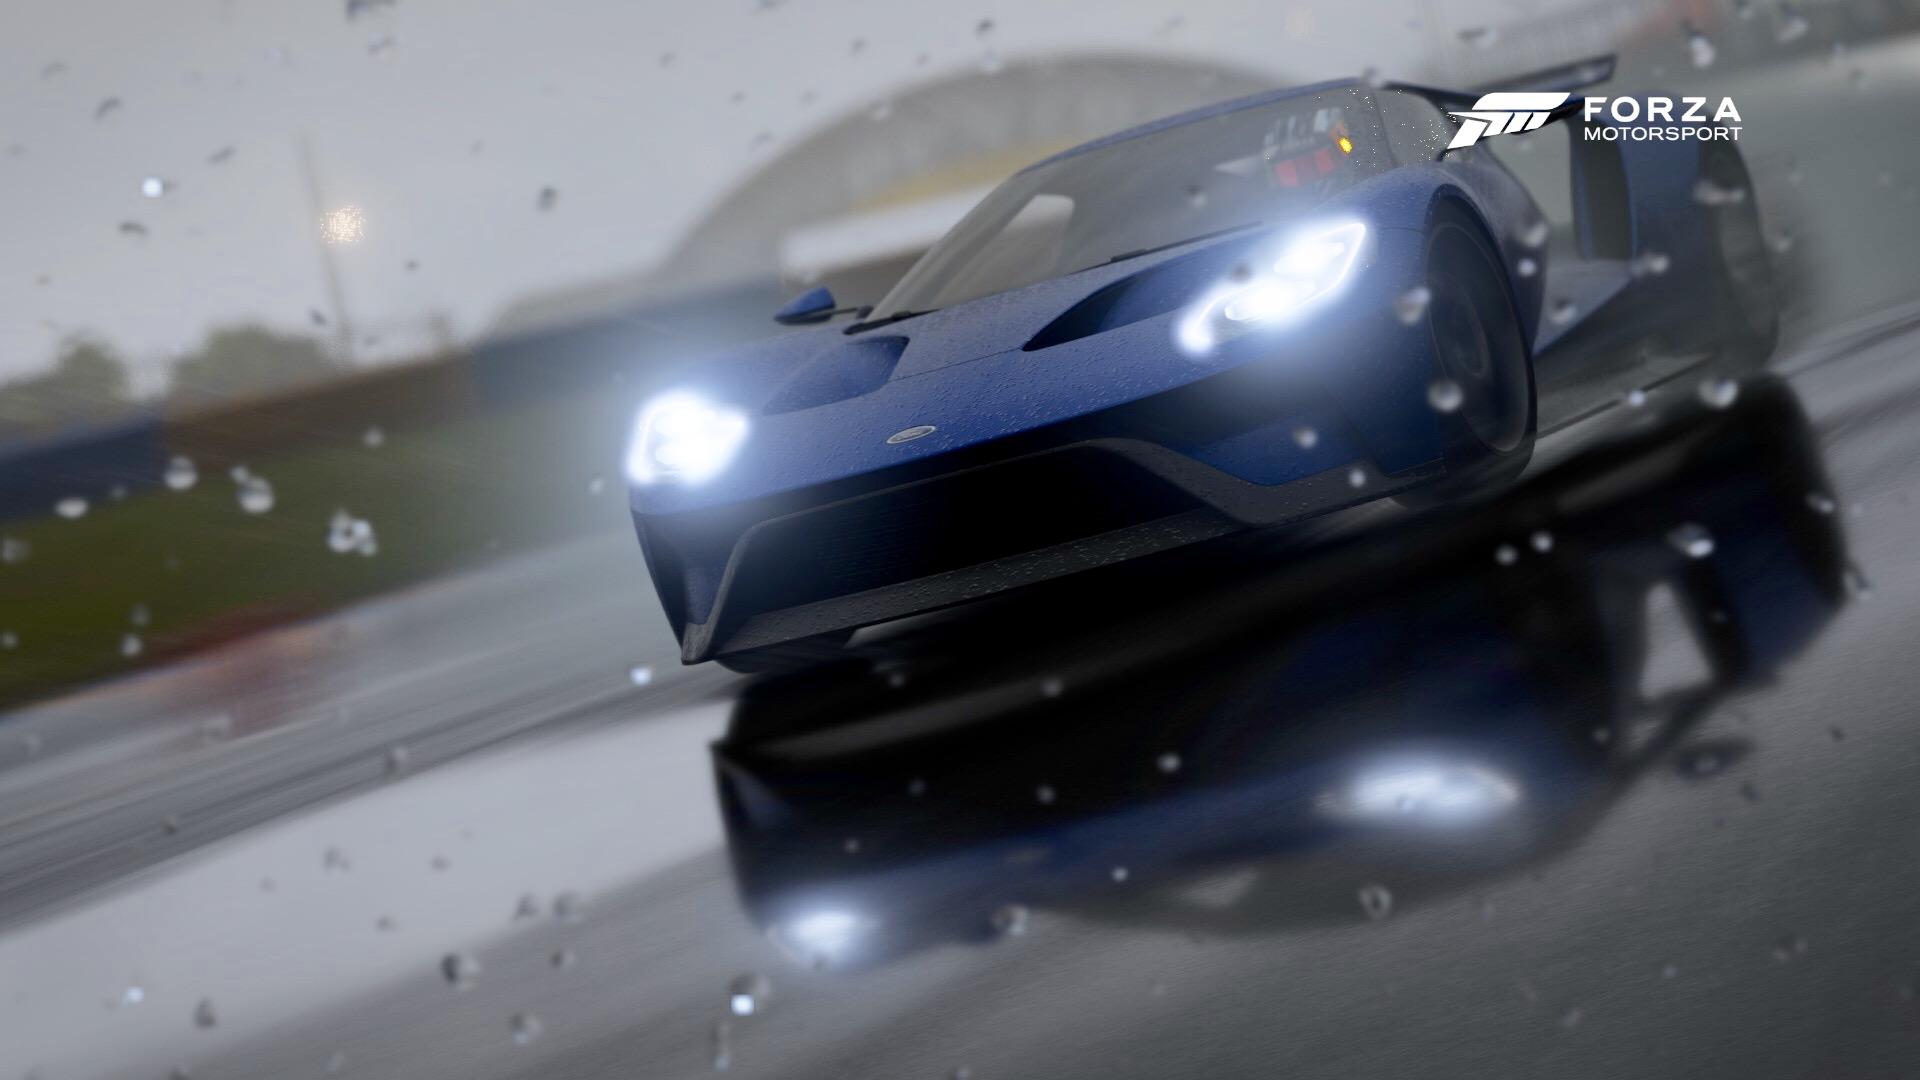 download Forza Motorsport 6 Computer Wallpapers Desktop 1920x1080